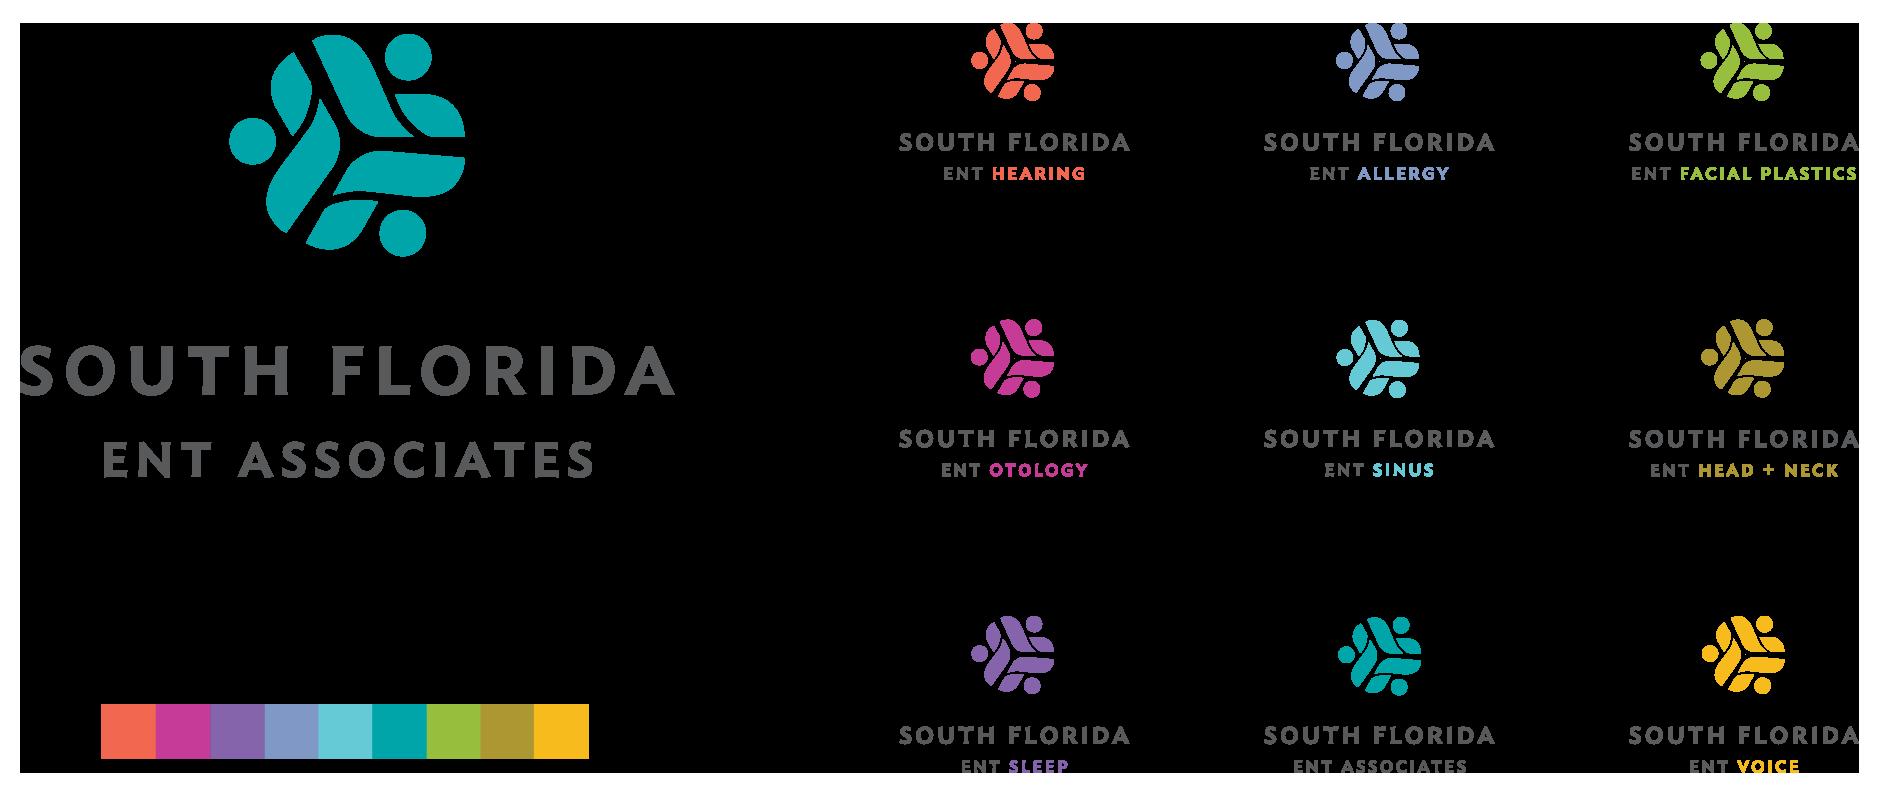 branding and logo design: South Florida ENT Associates